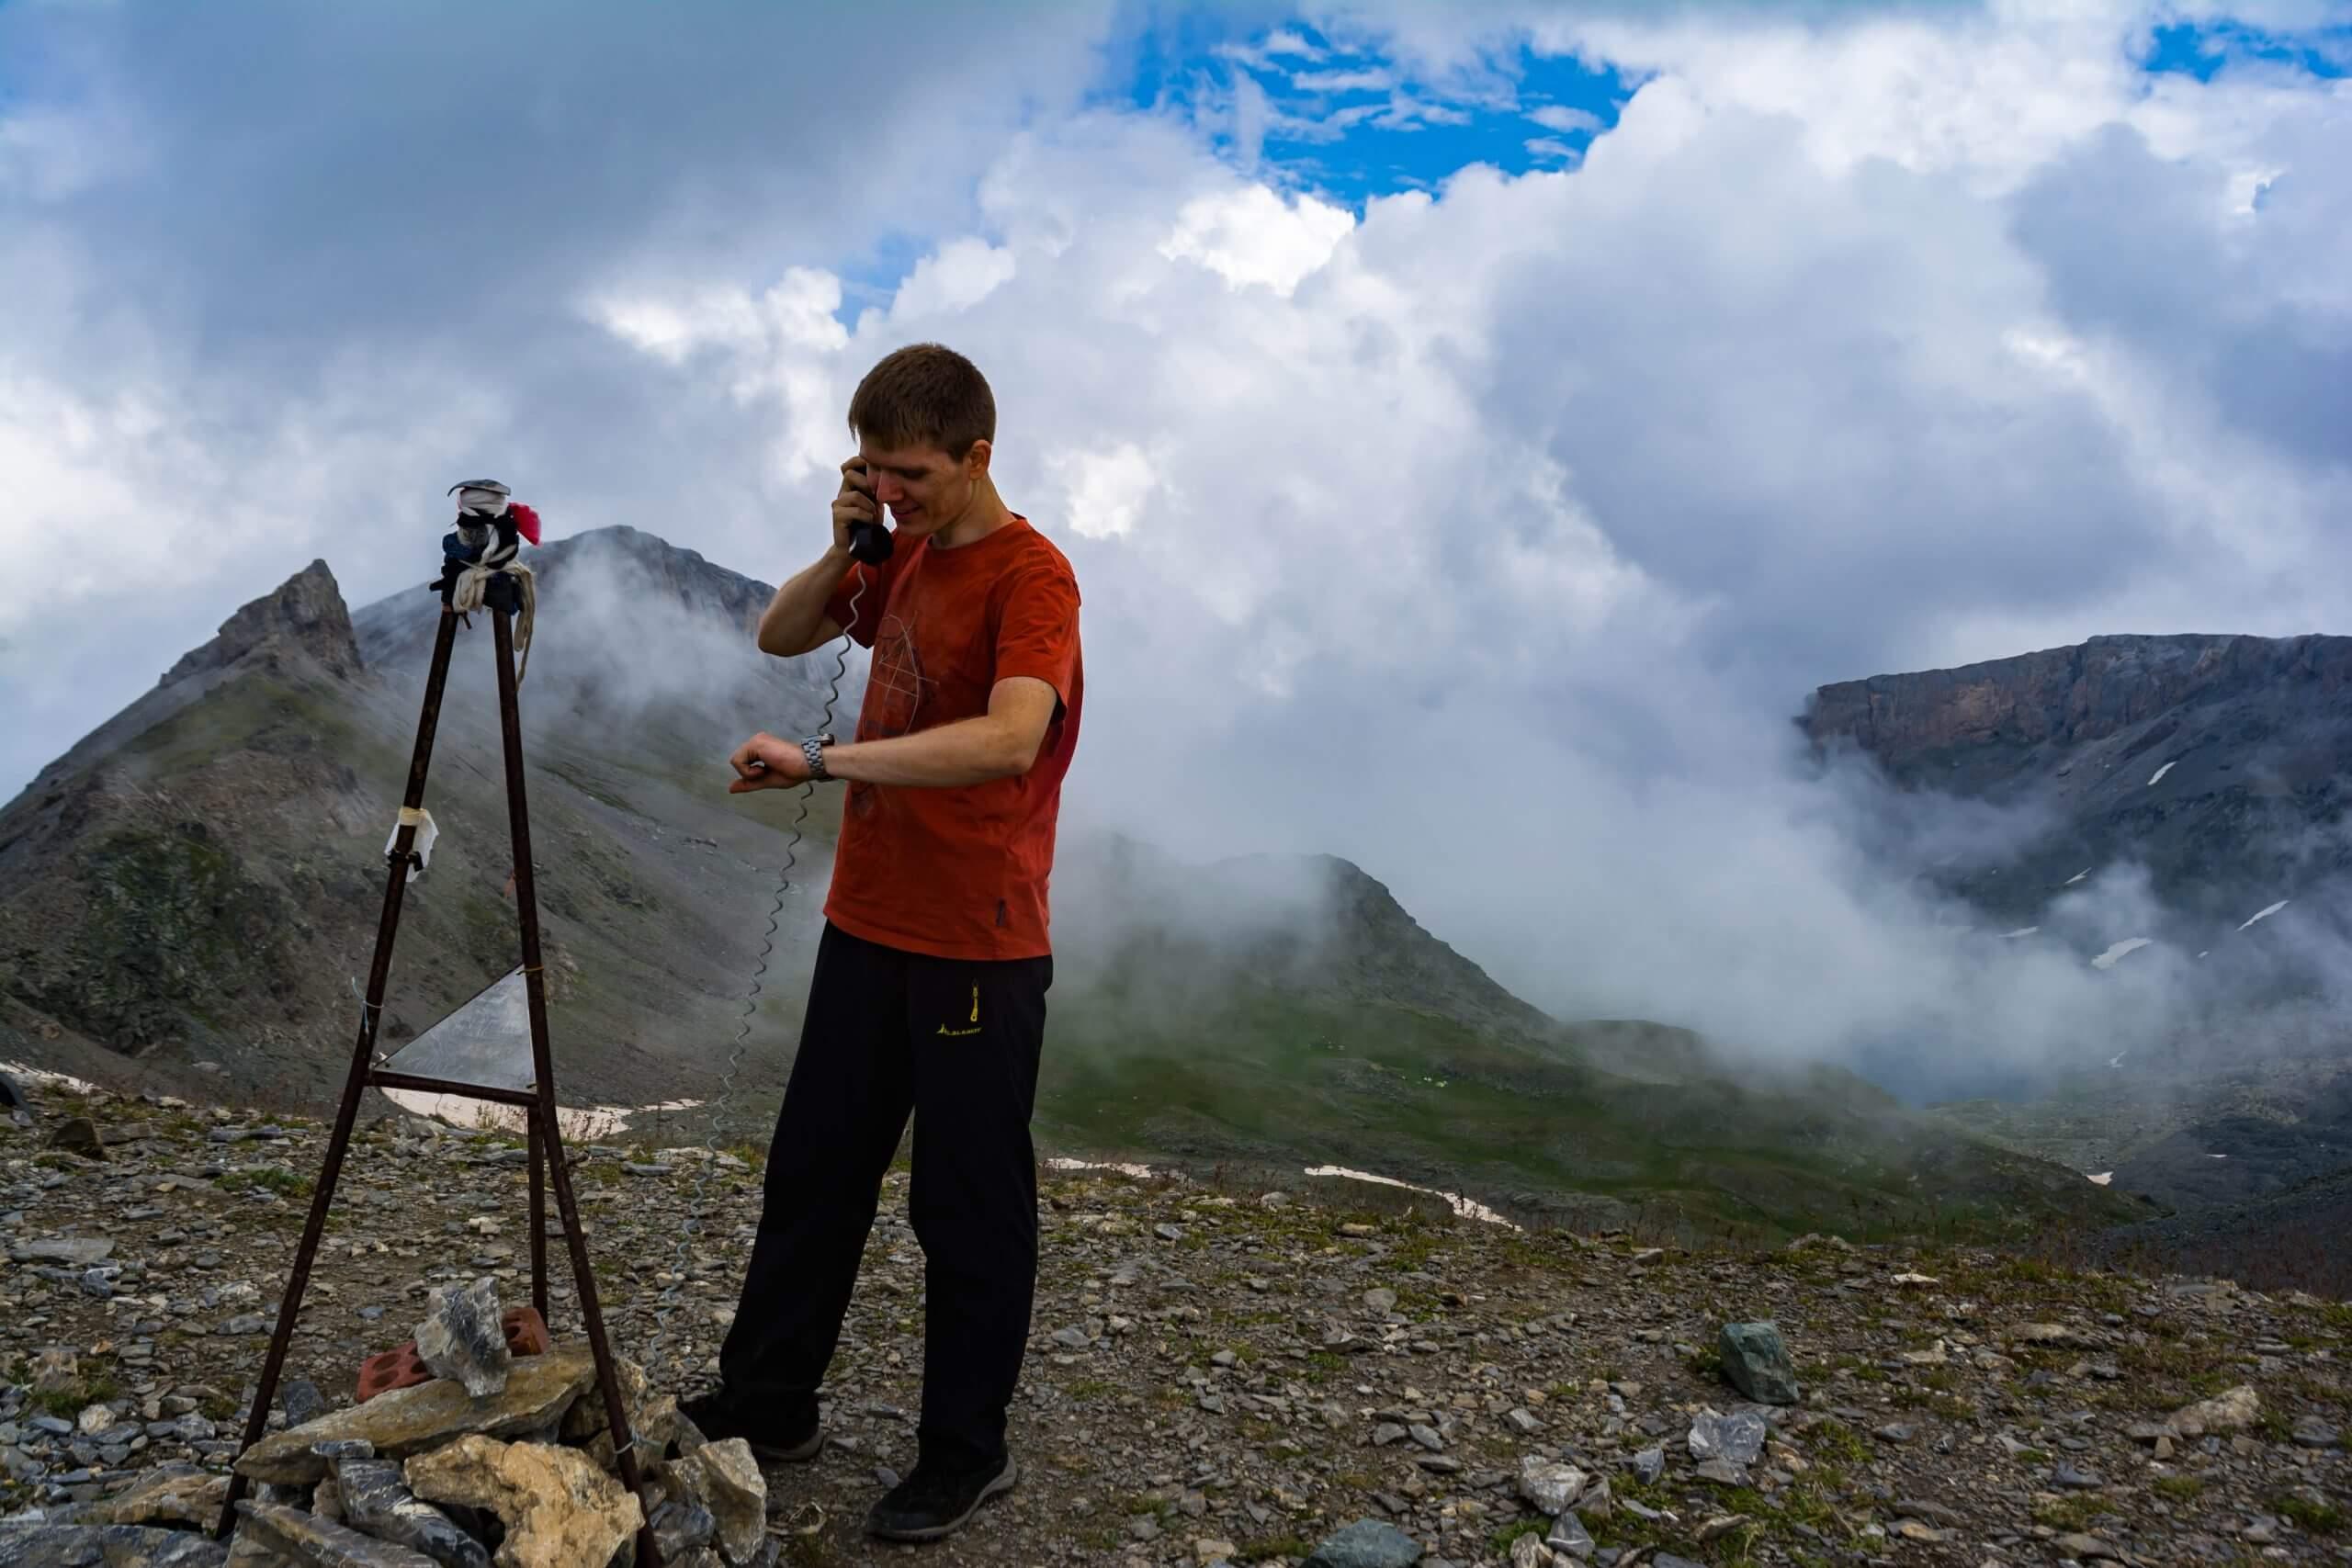 Перевал Федосеева (1 А, 2880 м)